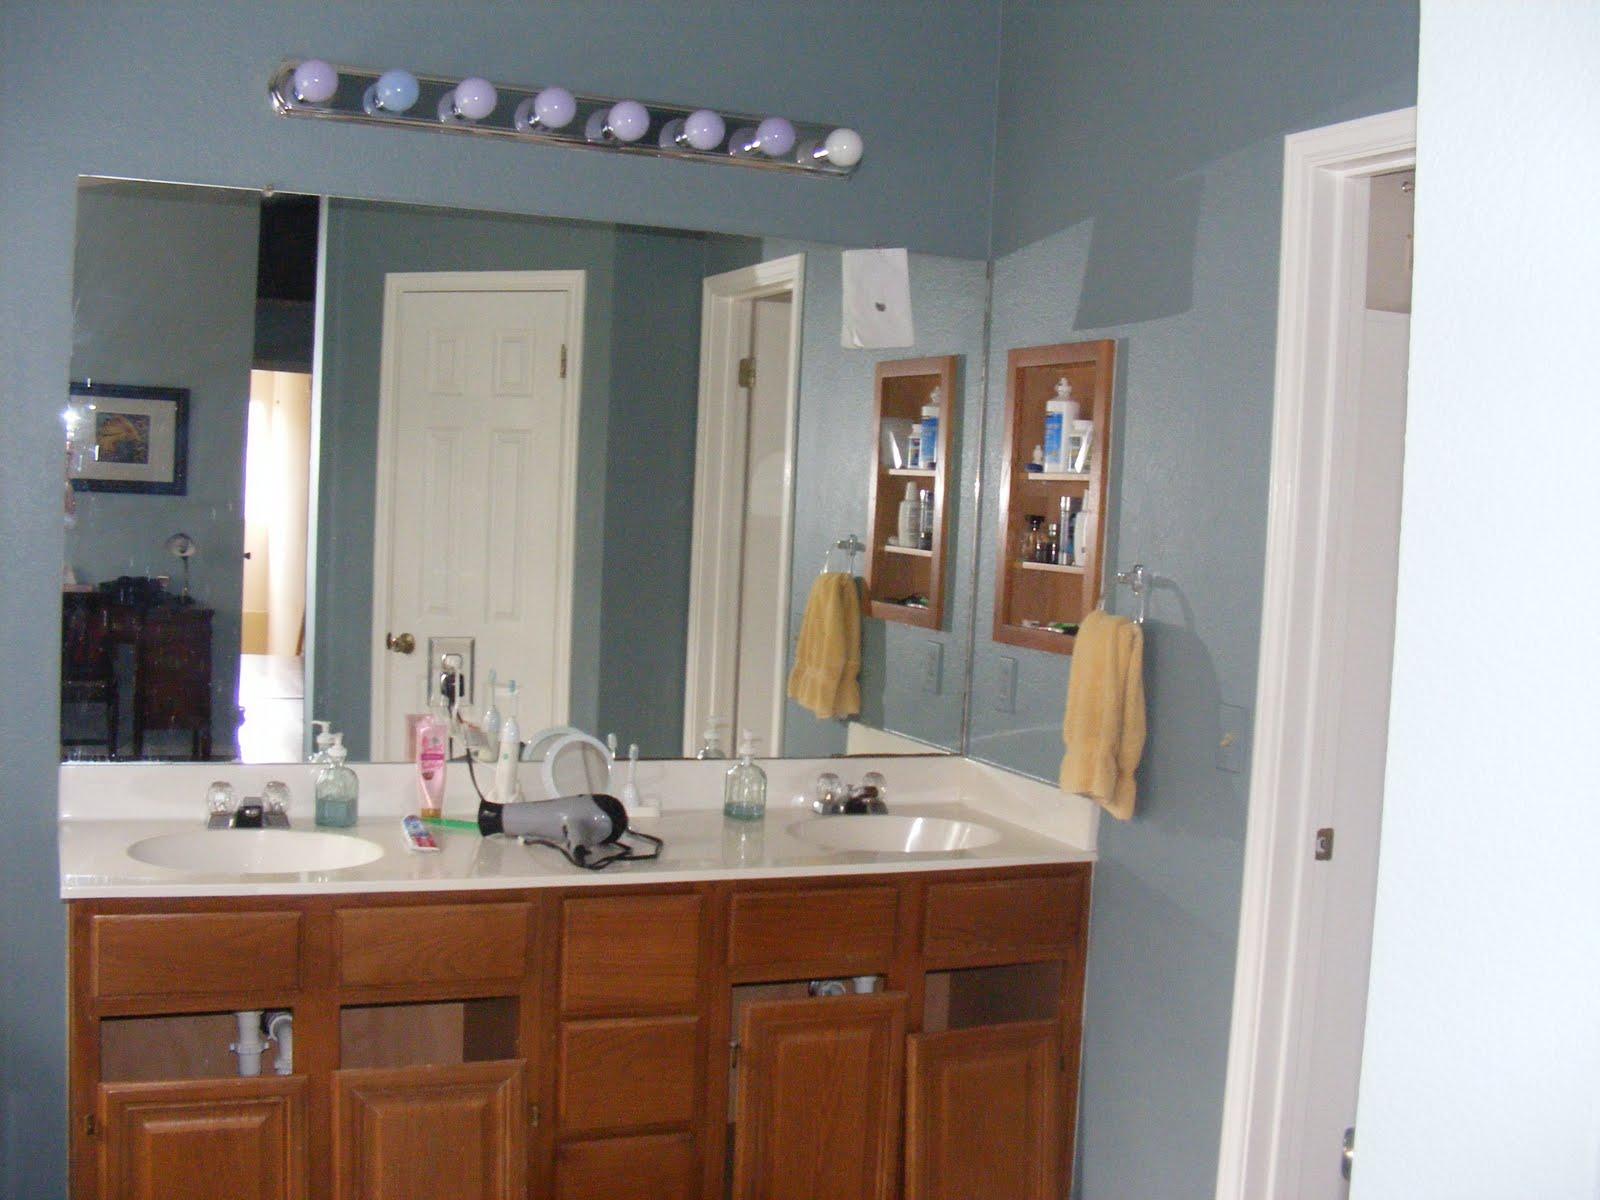 Attirant Preparation Process/Original Oak Cabinets